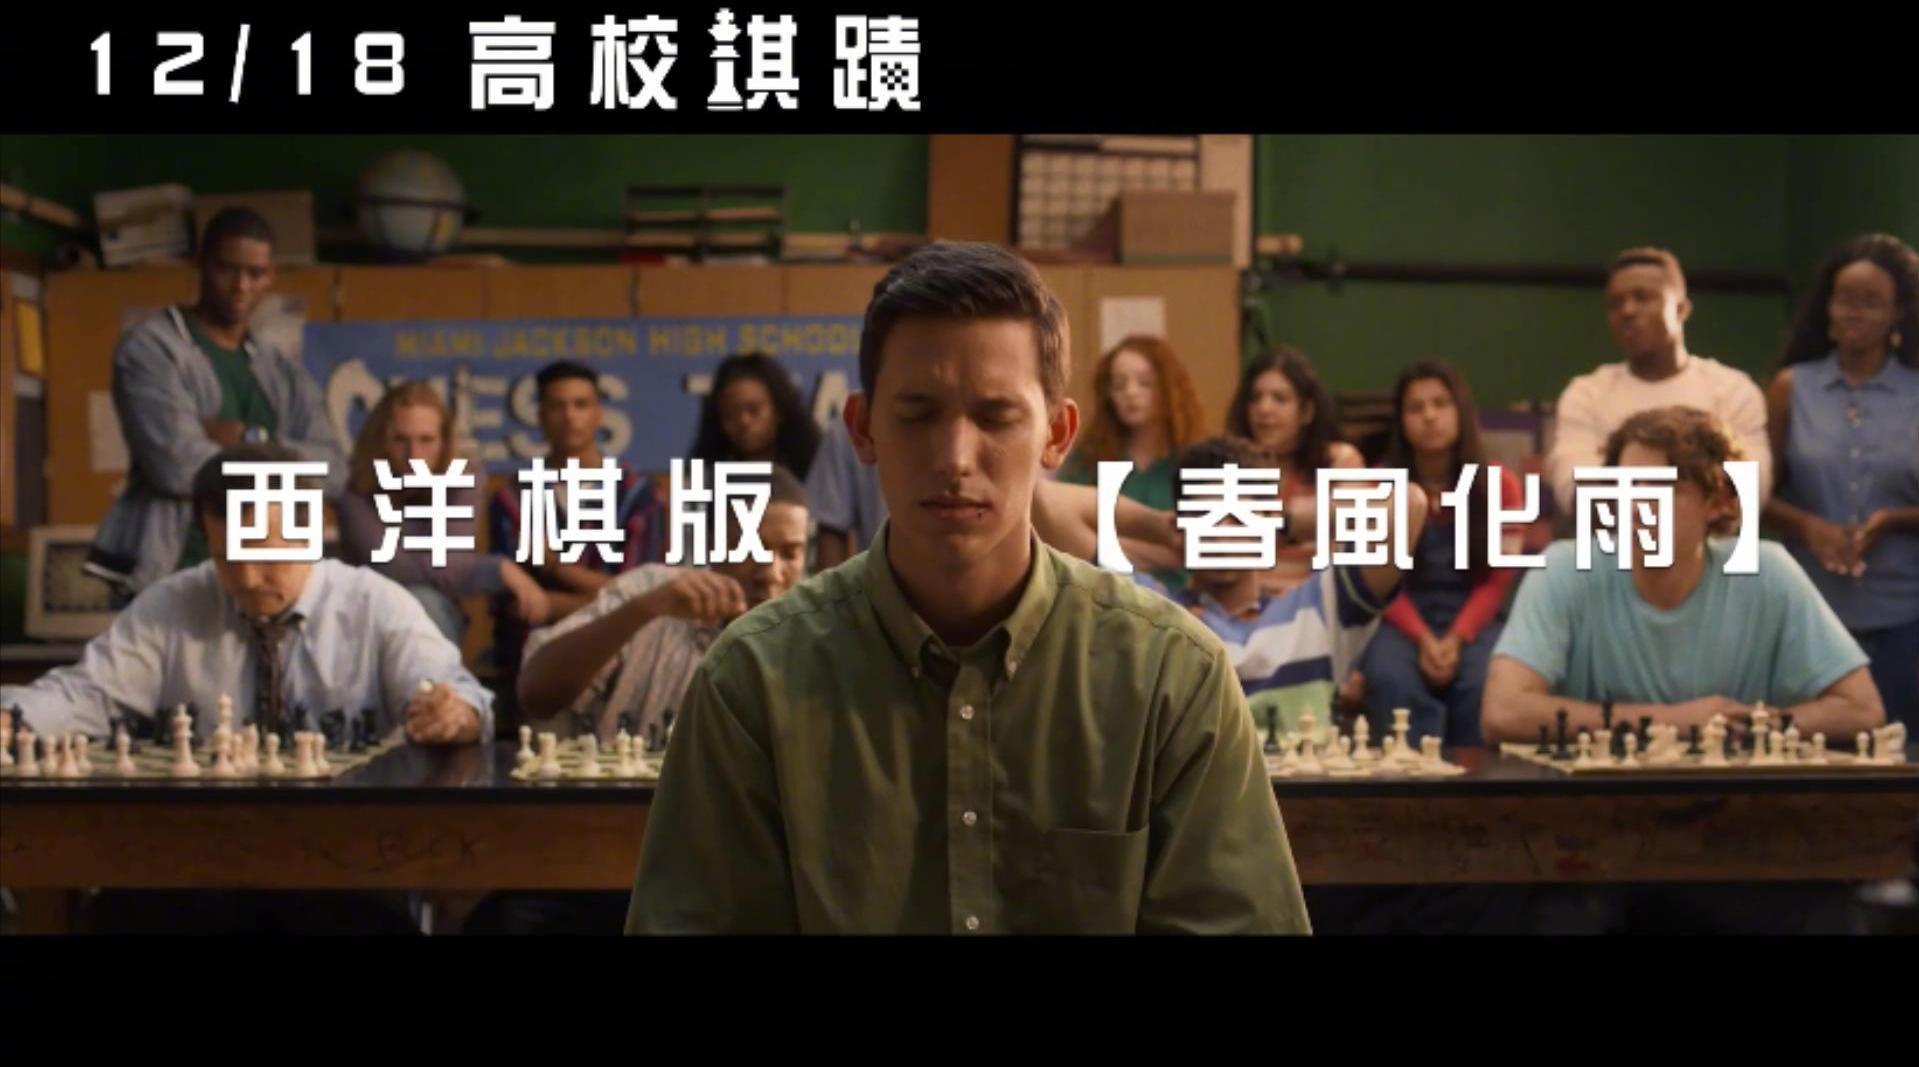 《贫民窟的冠军队》官方中文版预告片点评